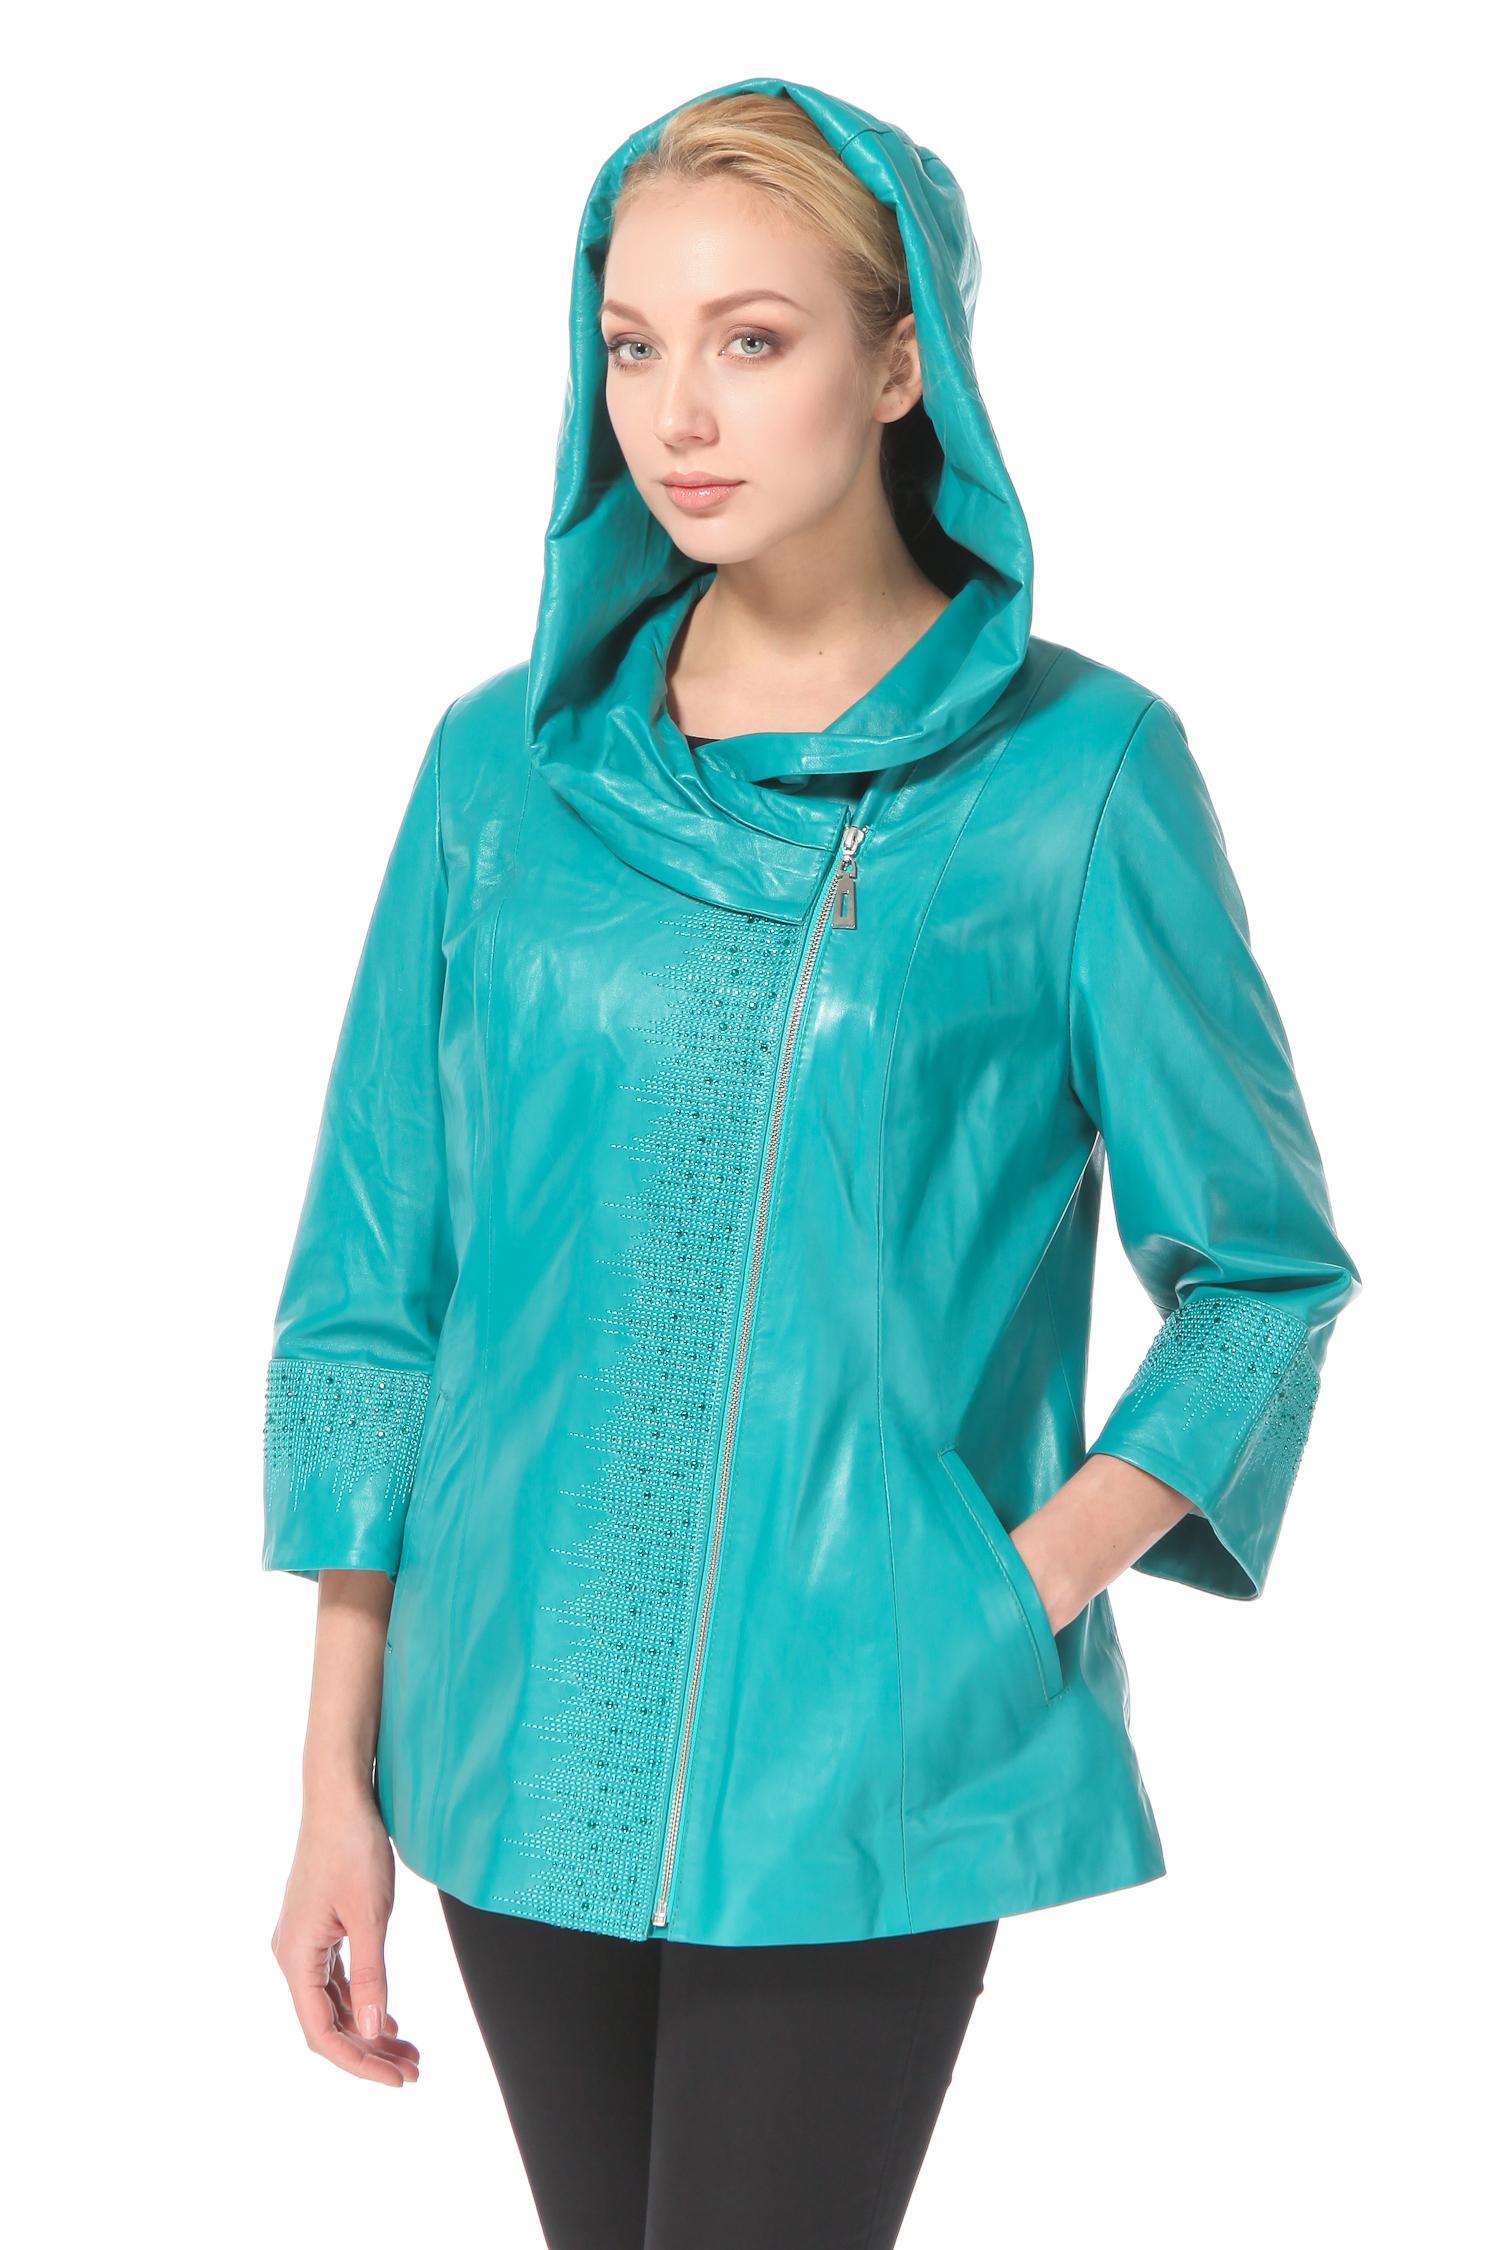 Женская кожаная куртка из натуральной кожи с капюшоном, без отделки<br><br>Воротник: Капюшон<br>Длина см: 70<br>Материал: Натуральная кожа<br>Цвет: Зеленый<br>Пол: Женский